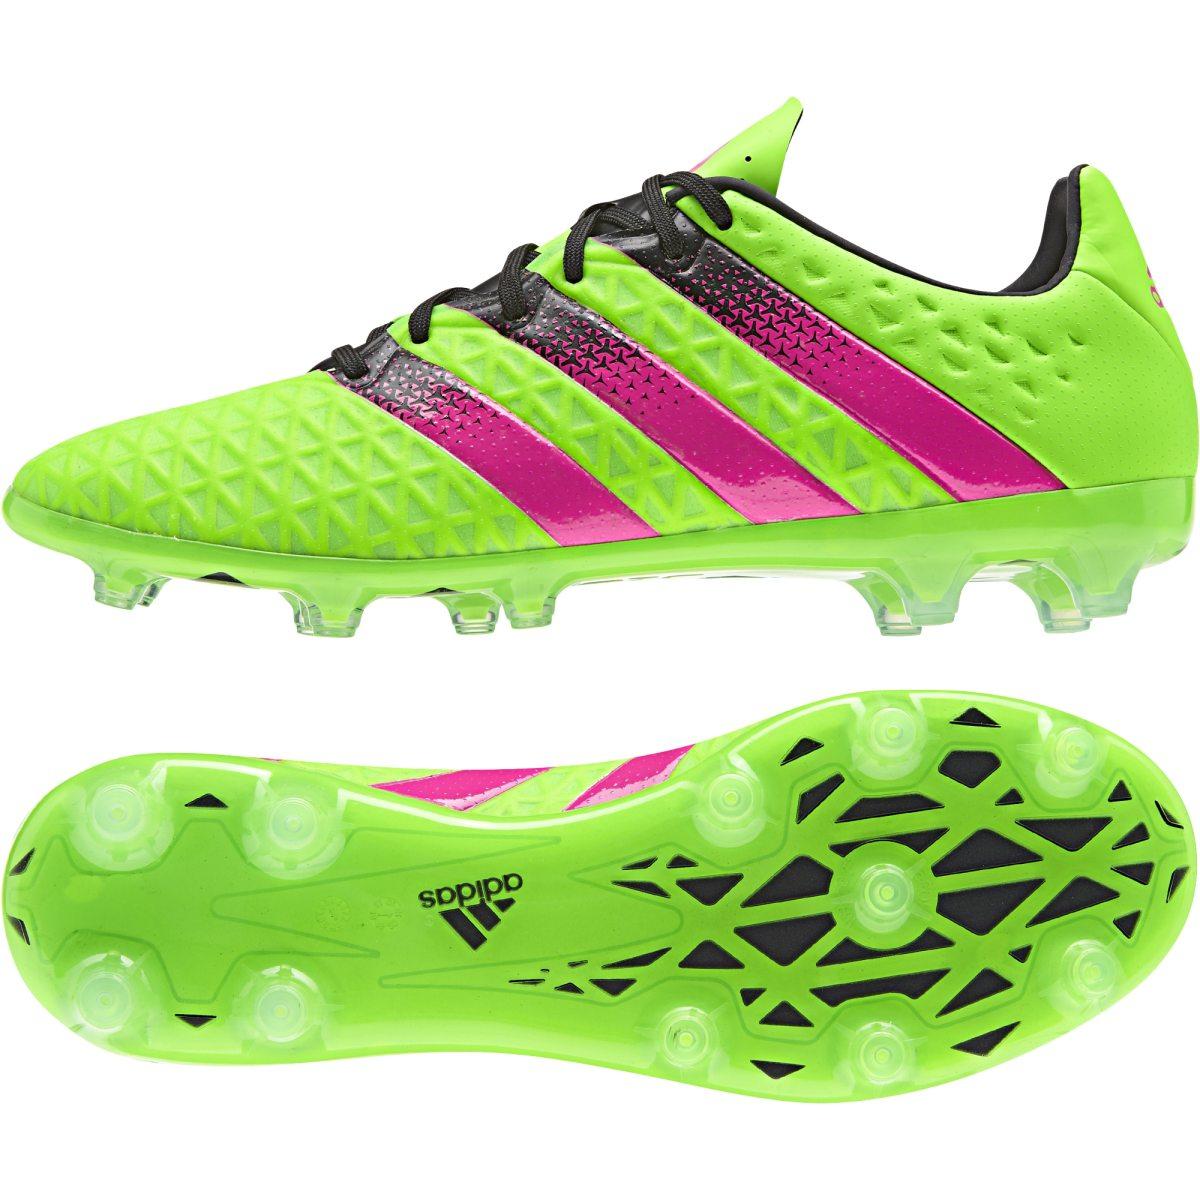 best sneakers 990c7 38f27 adidas x 15.2 fg ag q1 16 fotbollssko senior fotbollsskor med XXX